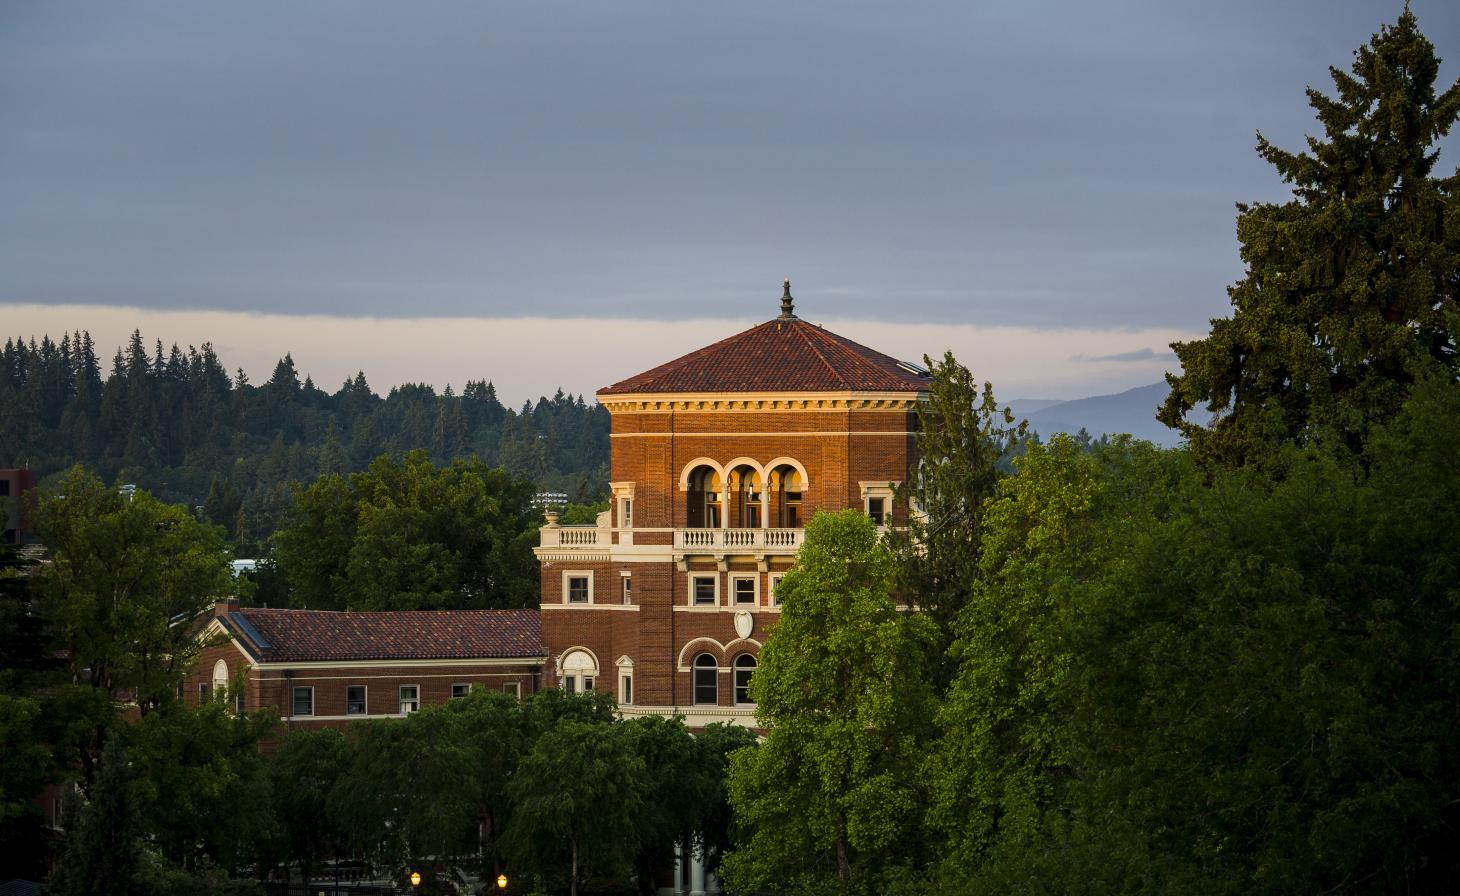 Weatherford Hall peering over trees